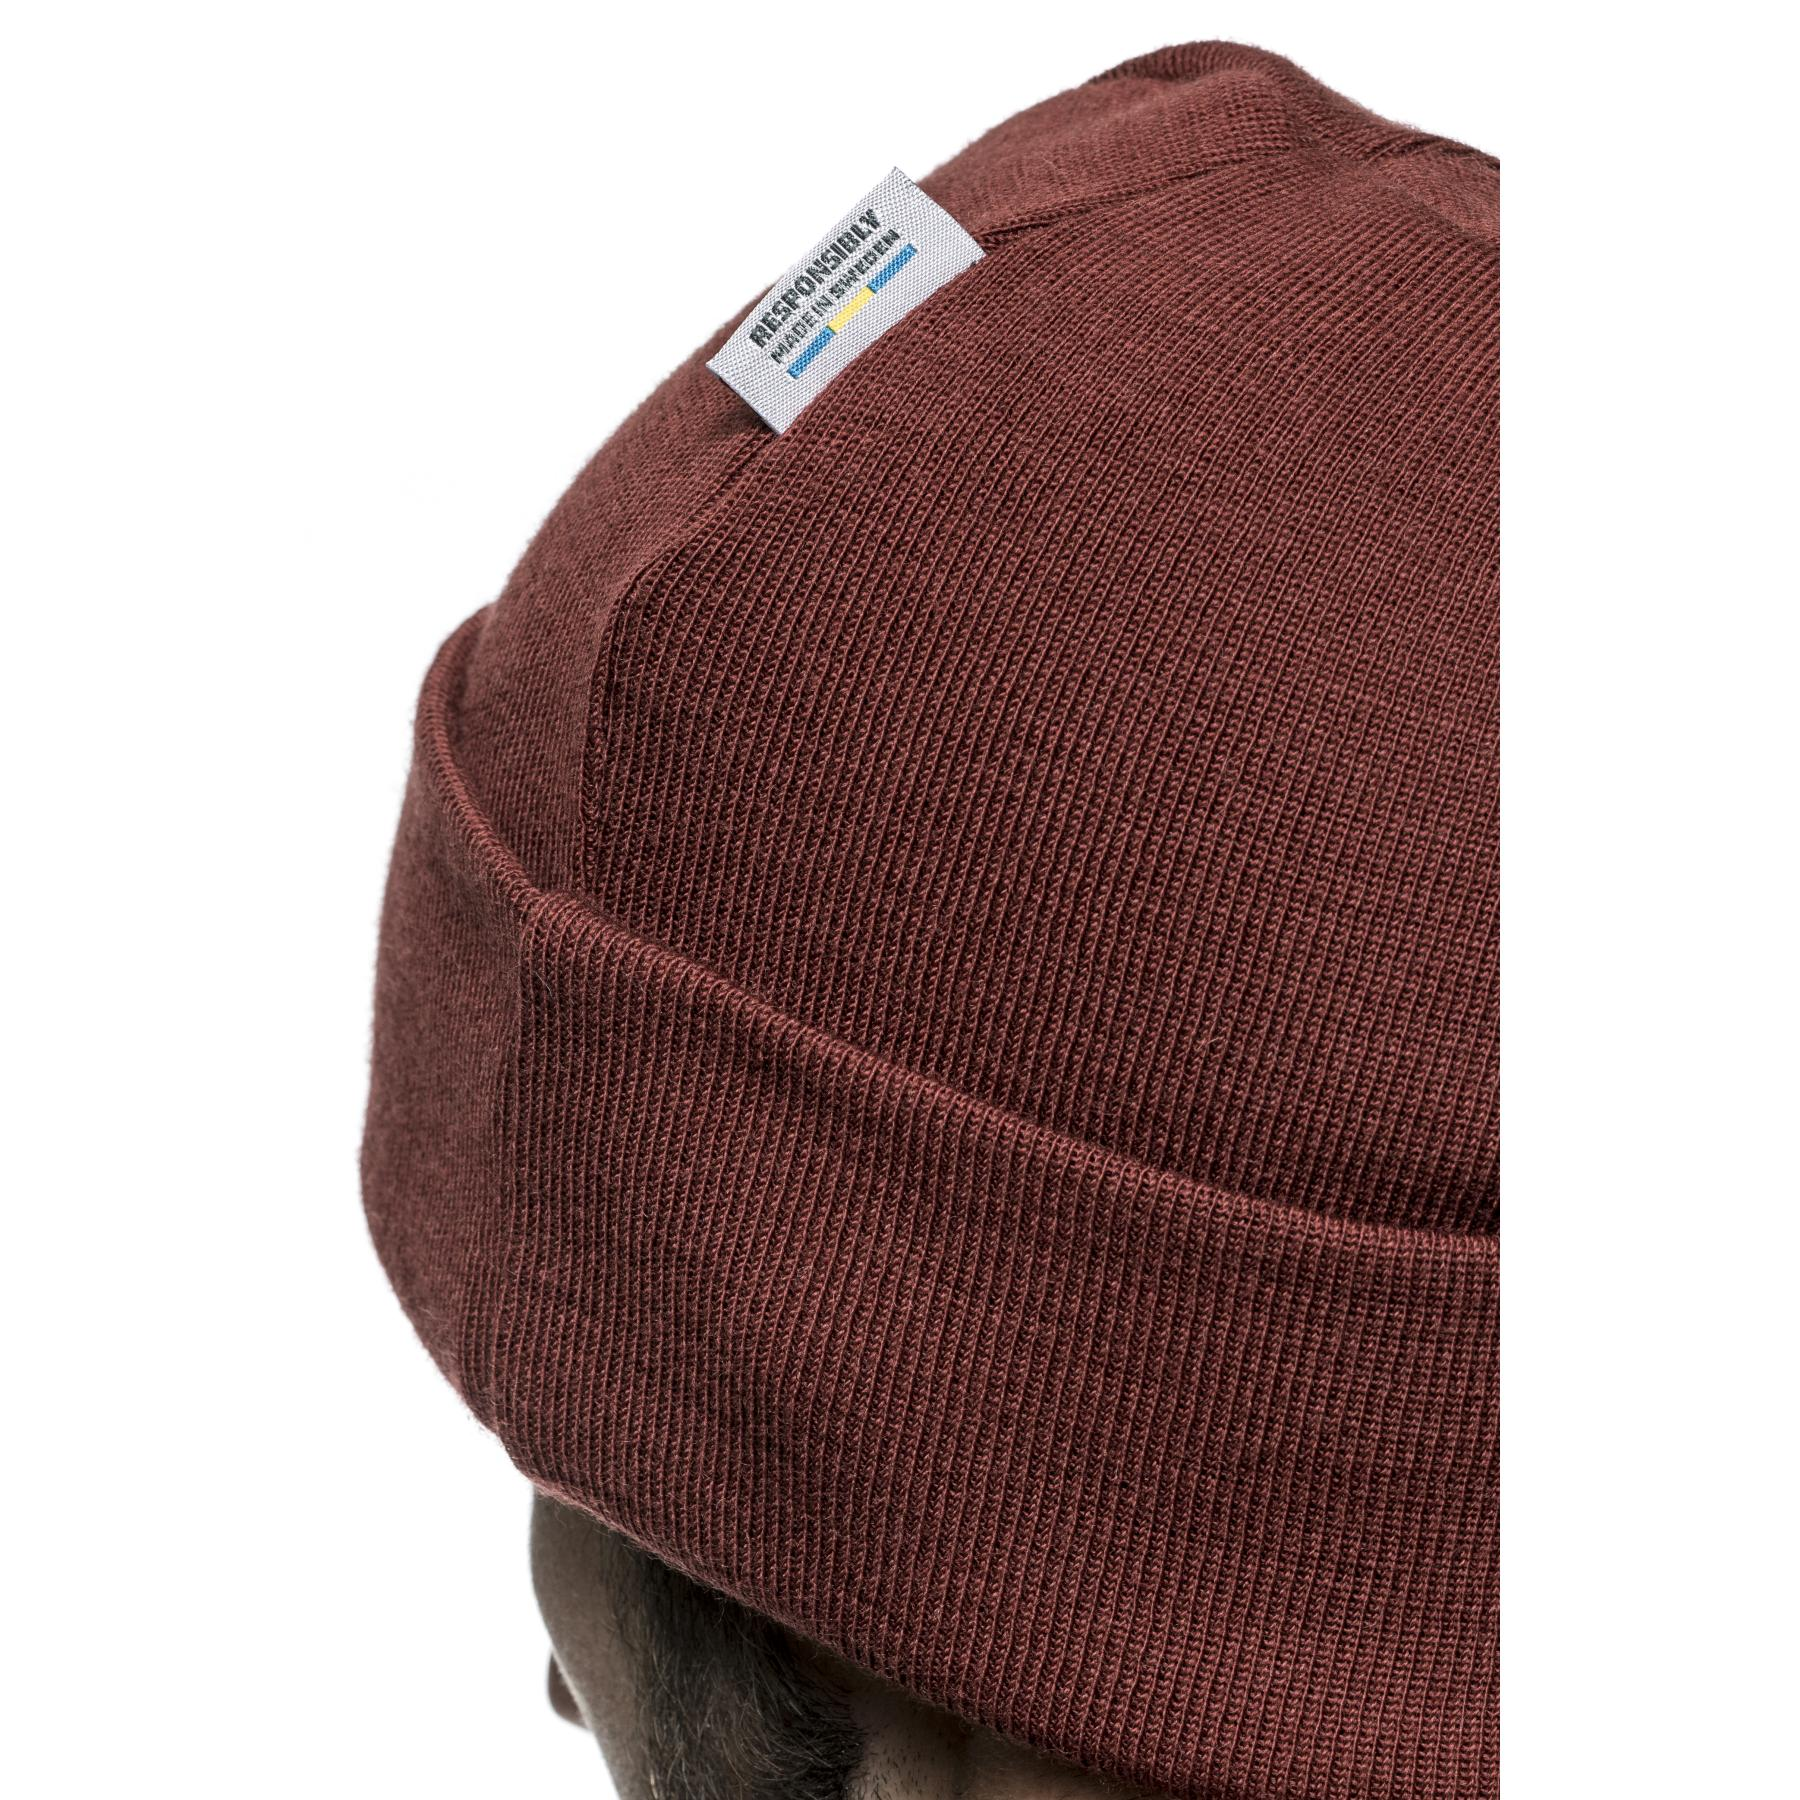 Bild von Woolpower Beanie Classic Mütze - rust red